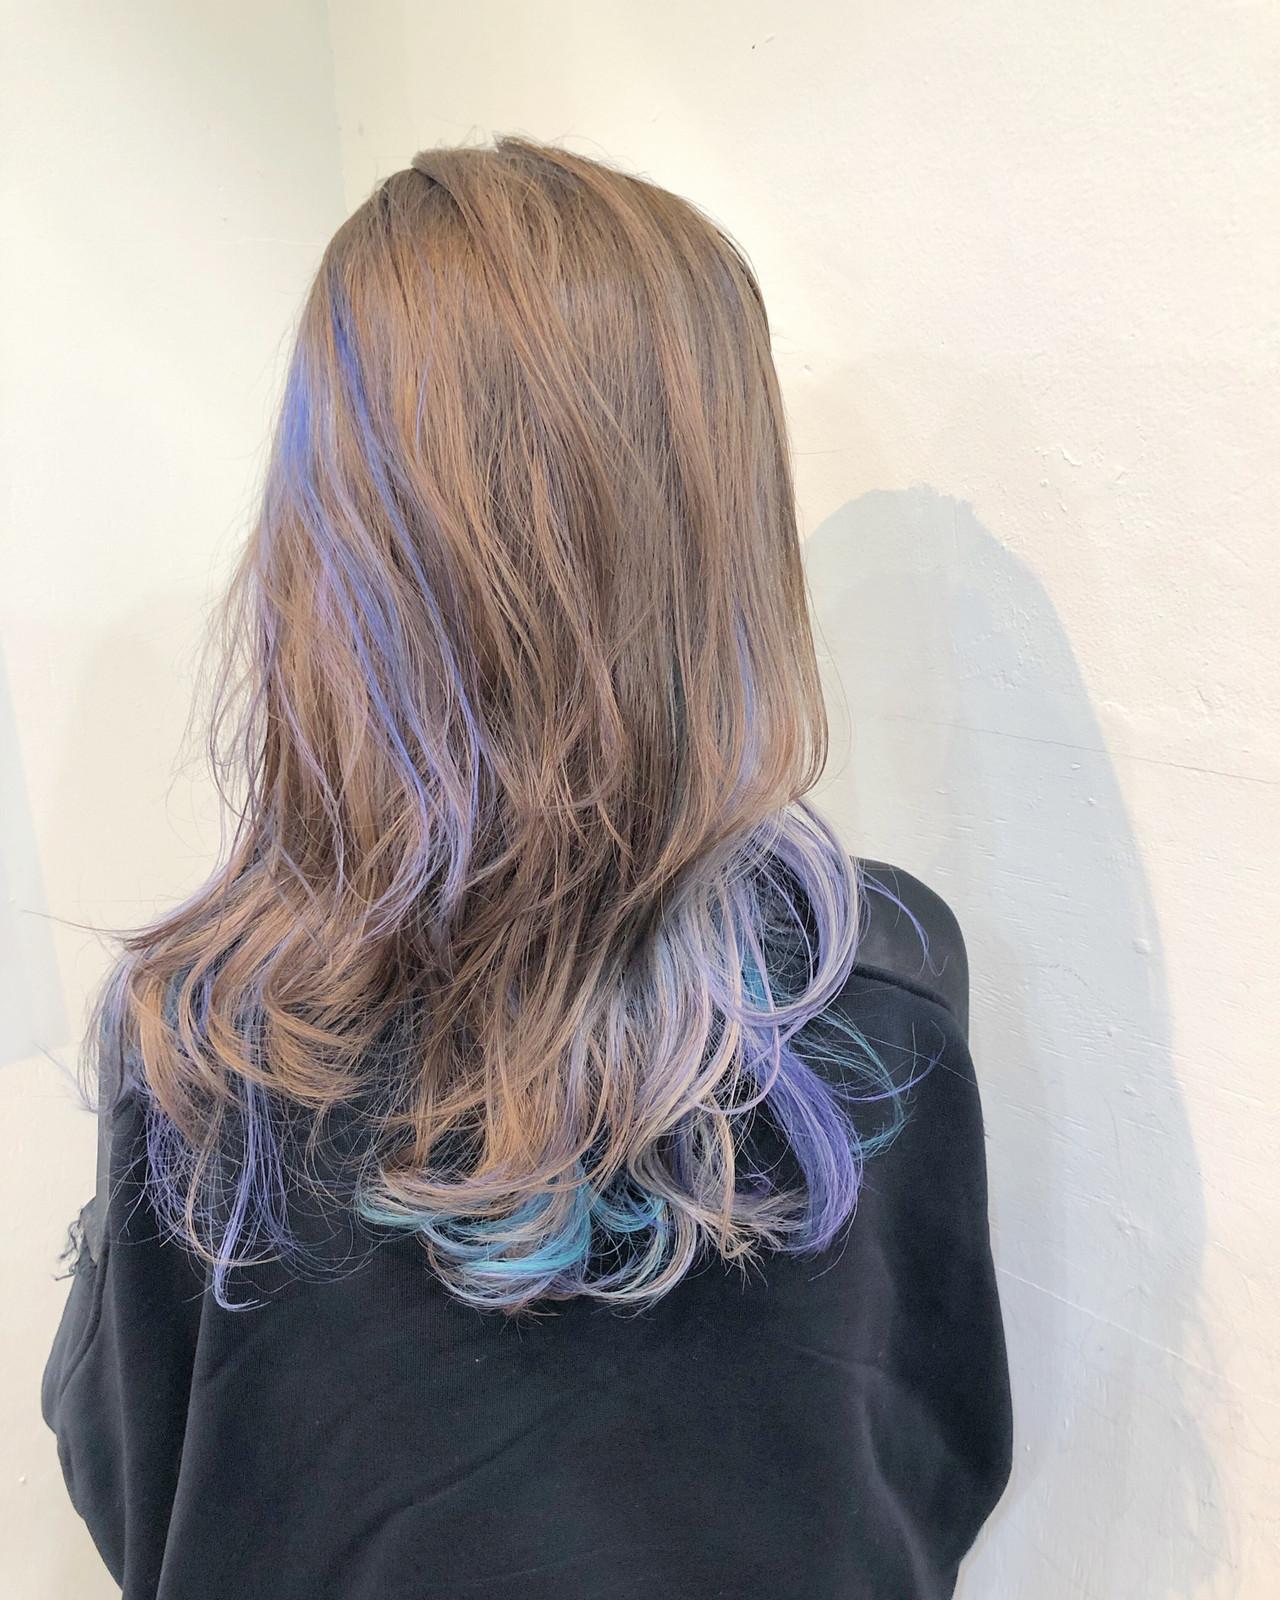 ハイライト ナチュラル バレイヤージュ グラデーションカラー ヘアスタイルや髪型の写真・画像 | RUMINA //高田ゆみこ / Rumina